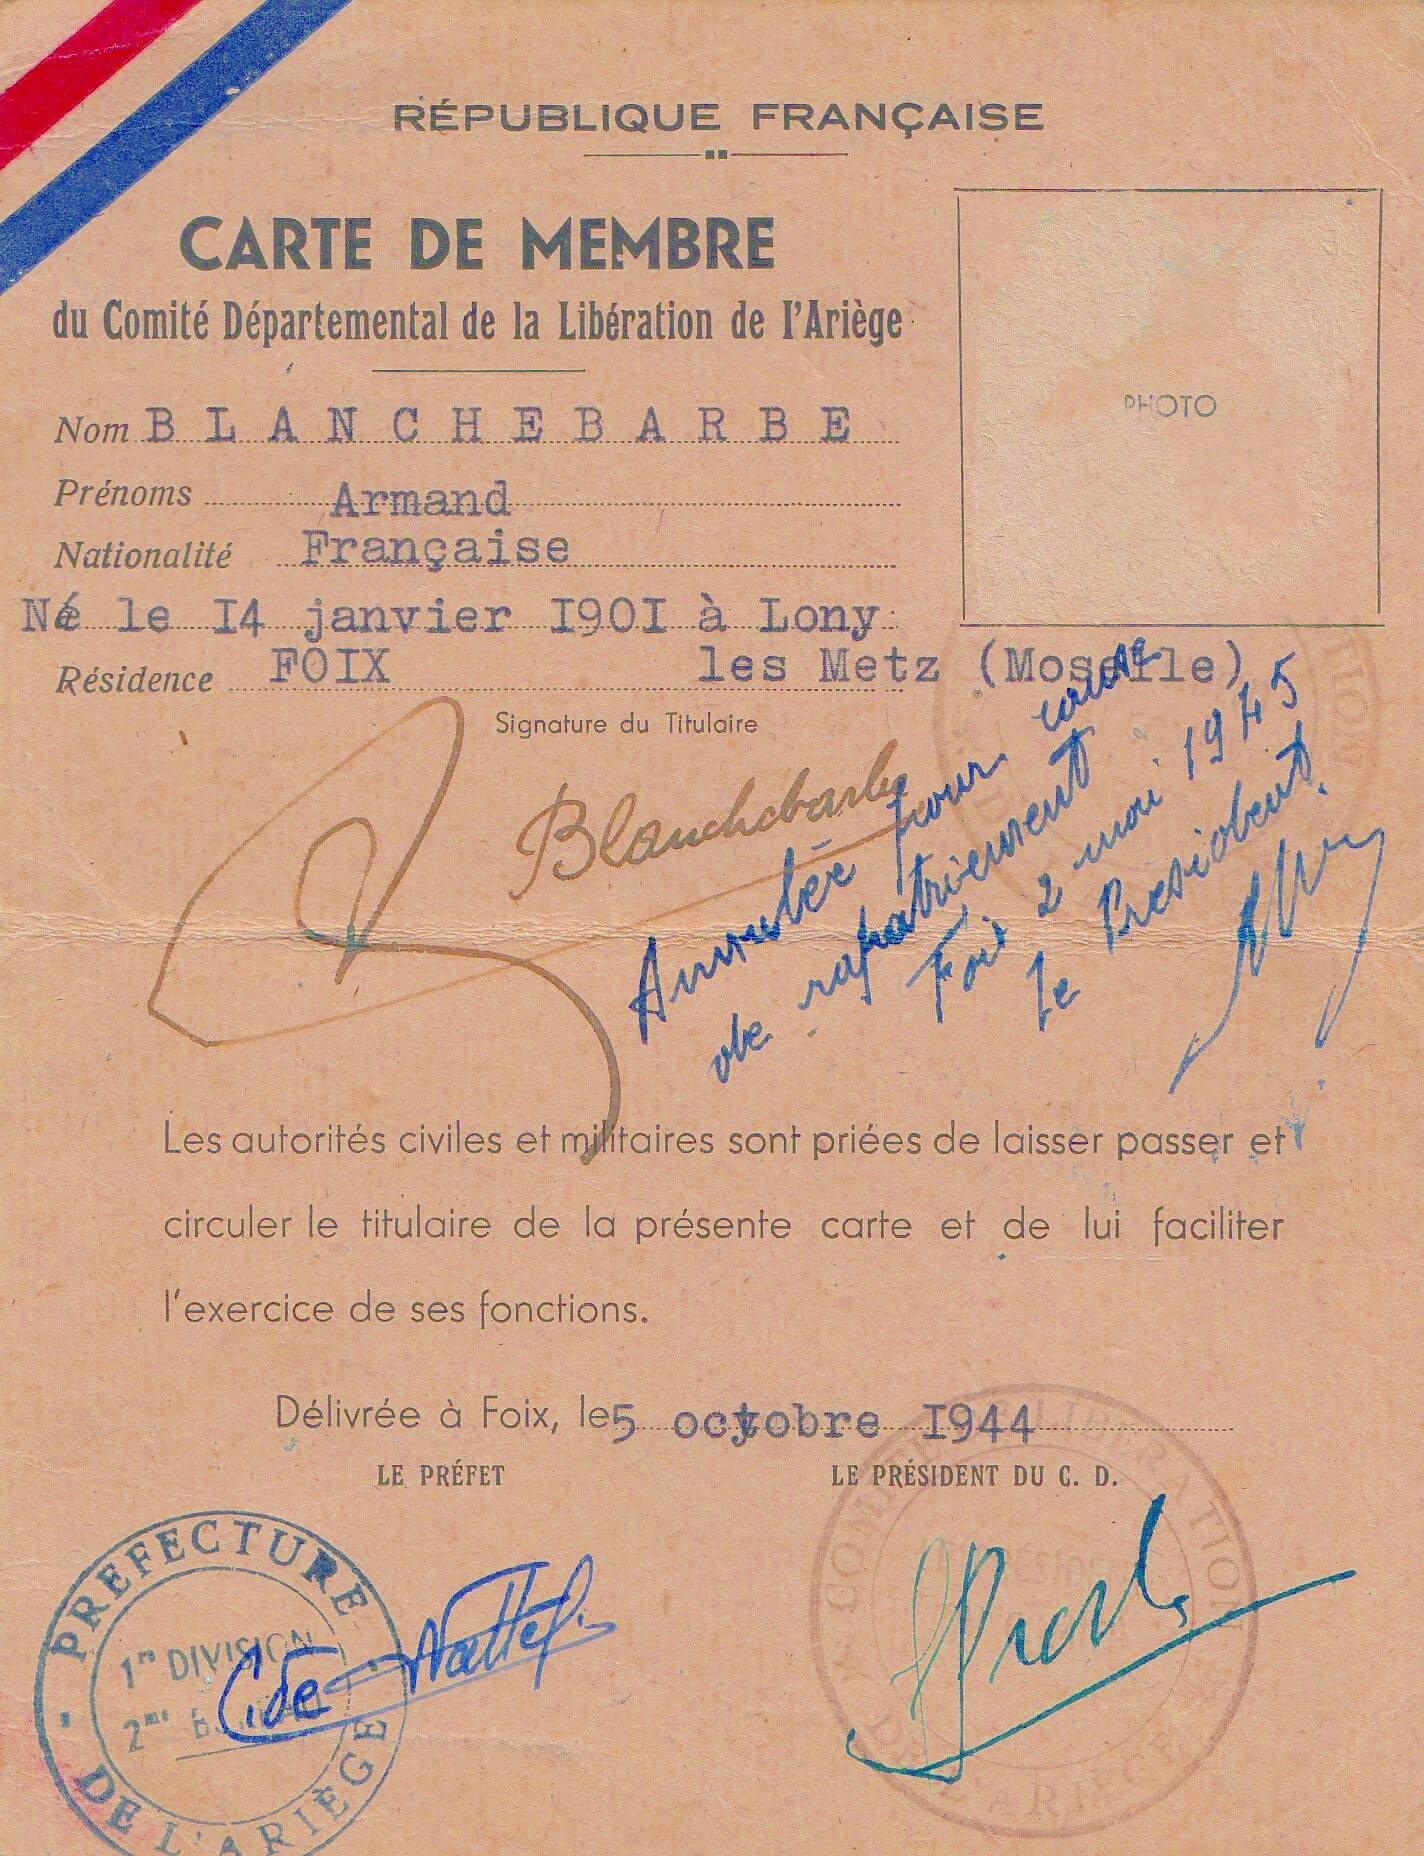 Carte de membre du Comité départemental